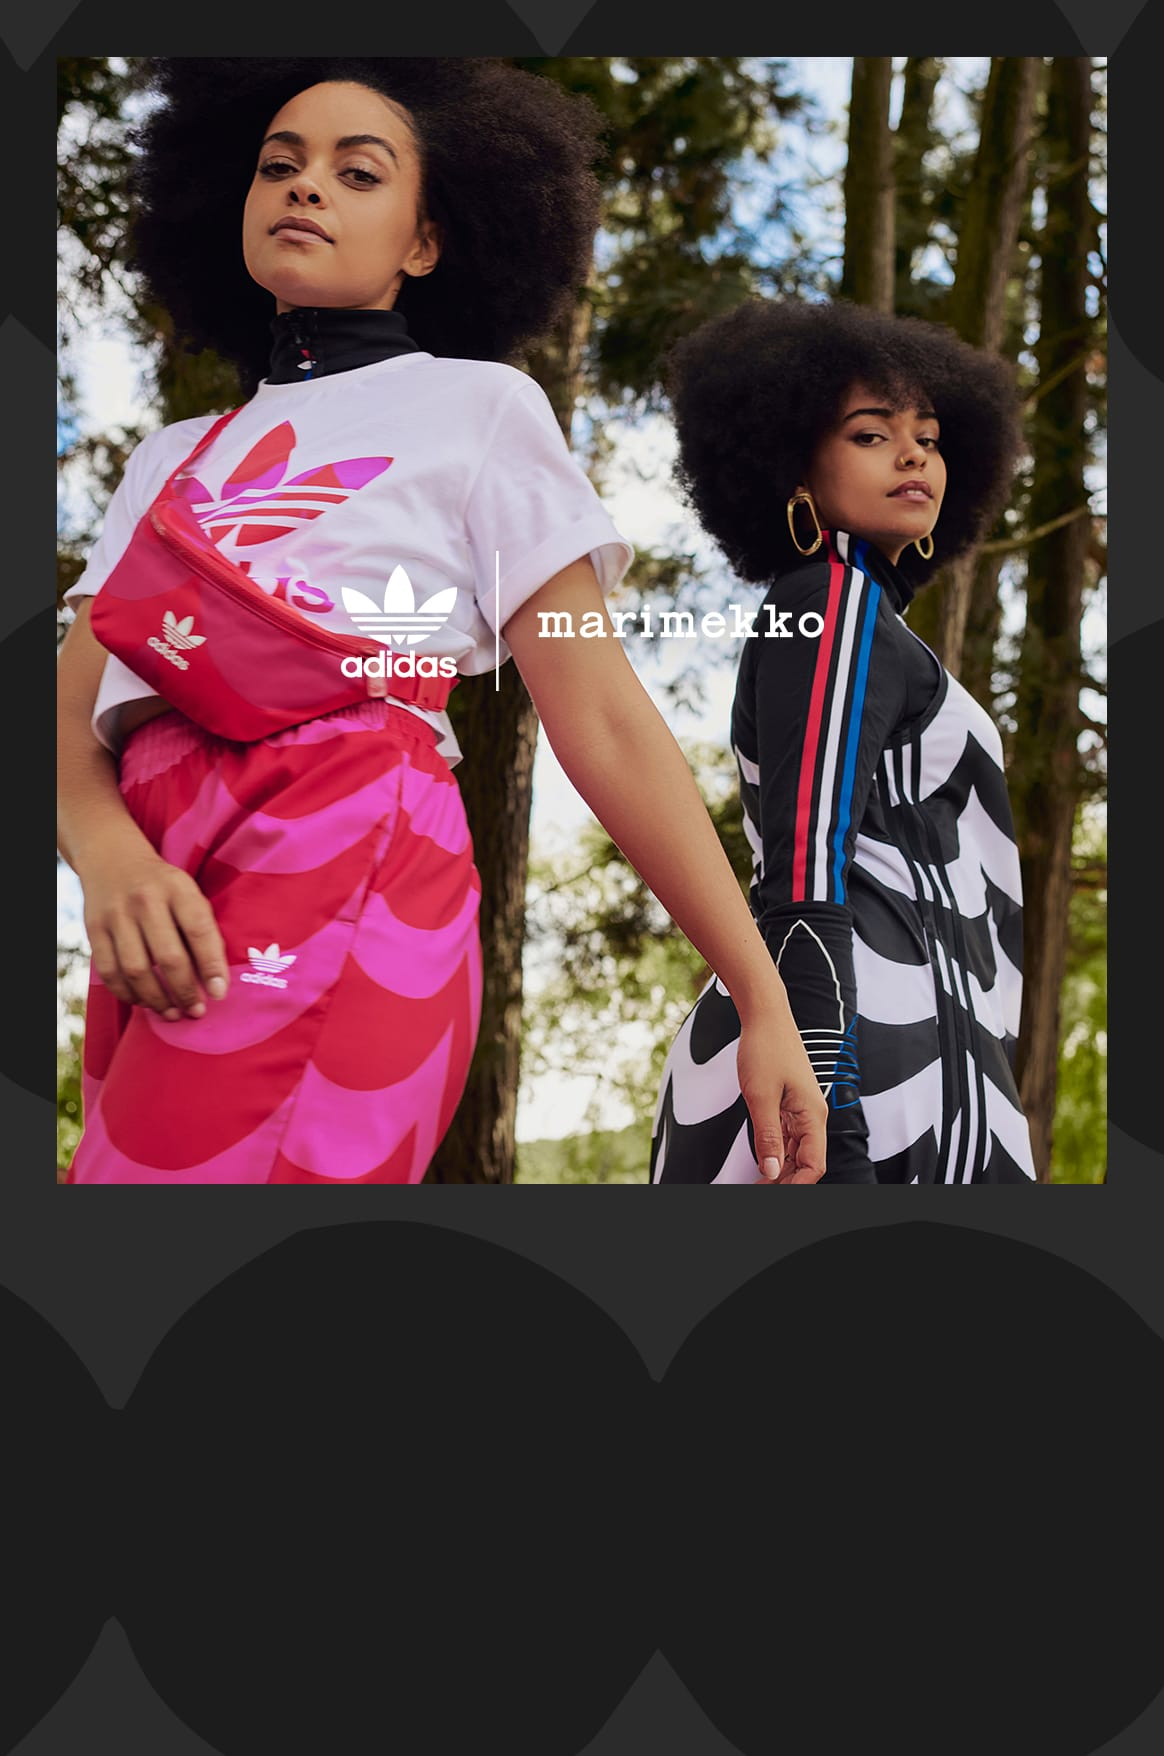 Deux mannequins dans les bois portant une tenue Originals